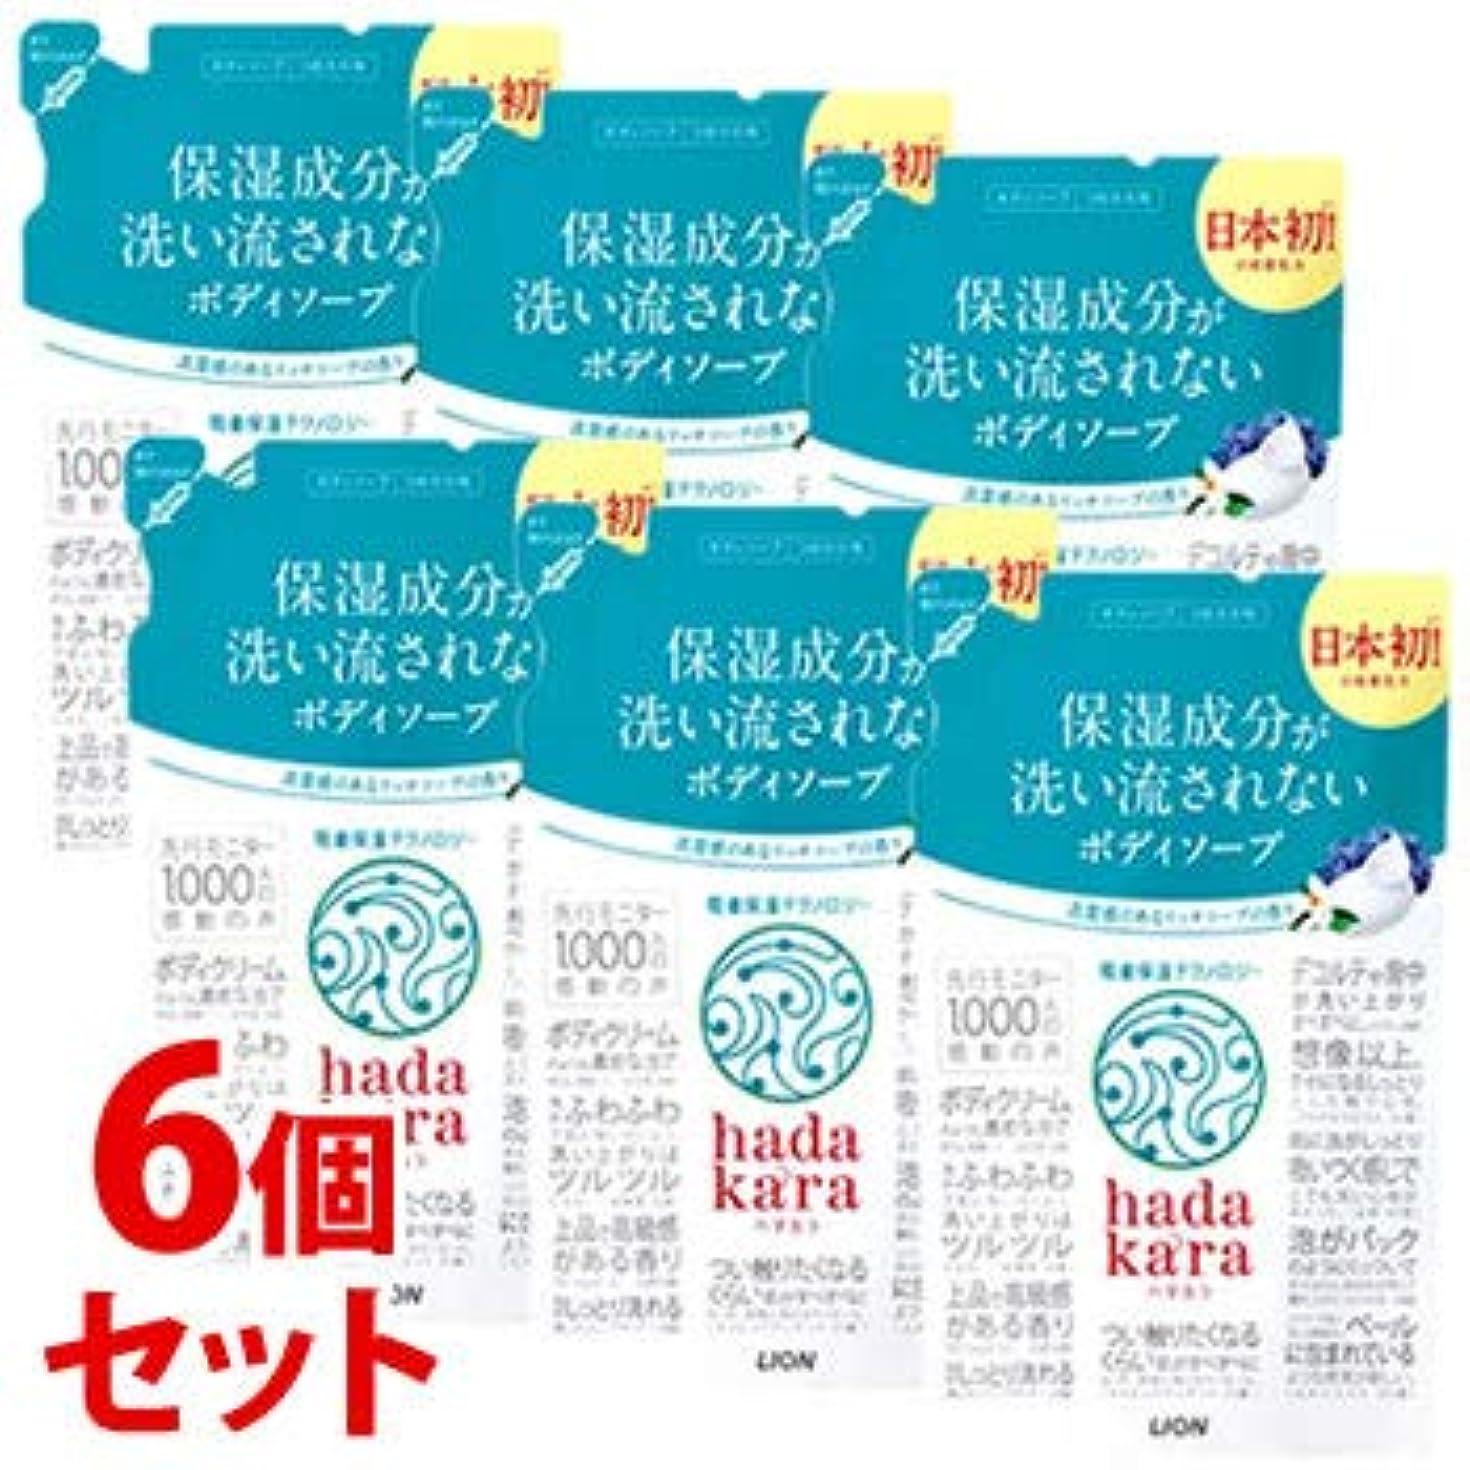 変色するあいまいやめる《セット販売》 ライオン ハダカラ hadakara ボディソープ リッチソープの香り つめかえ用 (360mL)×6個セット 詰め替え用